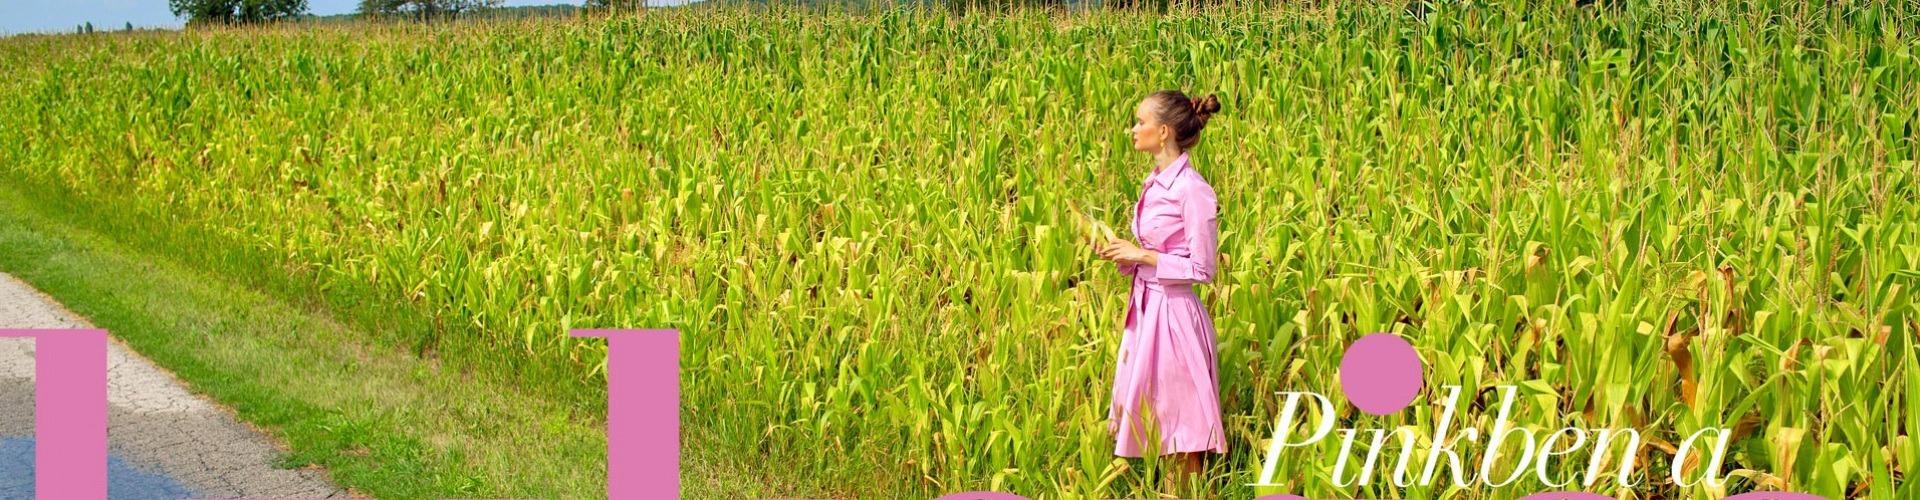 Pinkben a kukorica